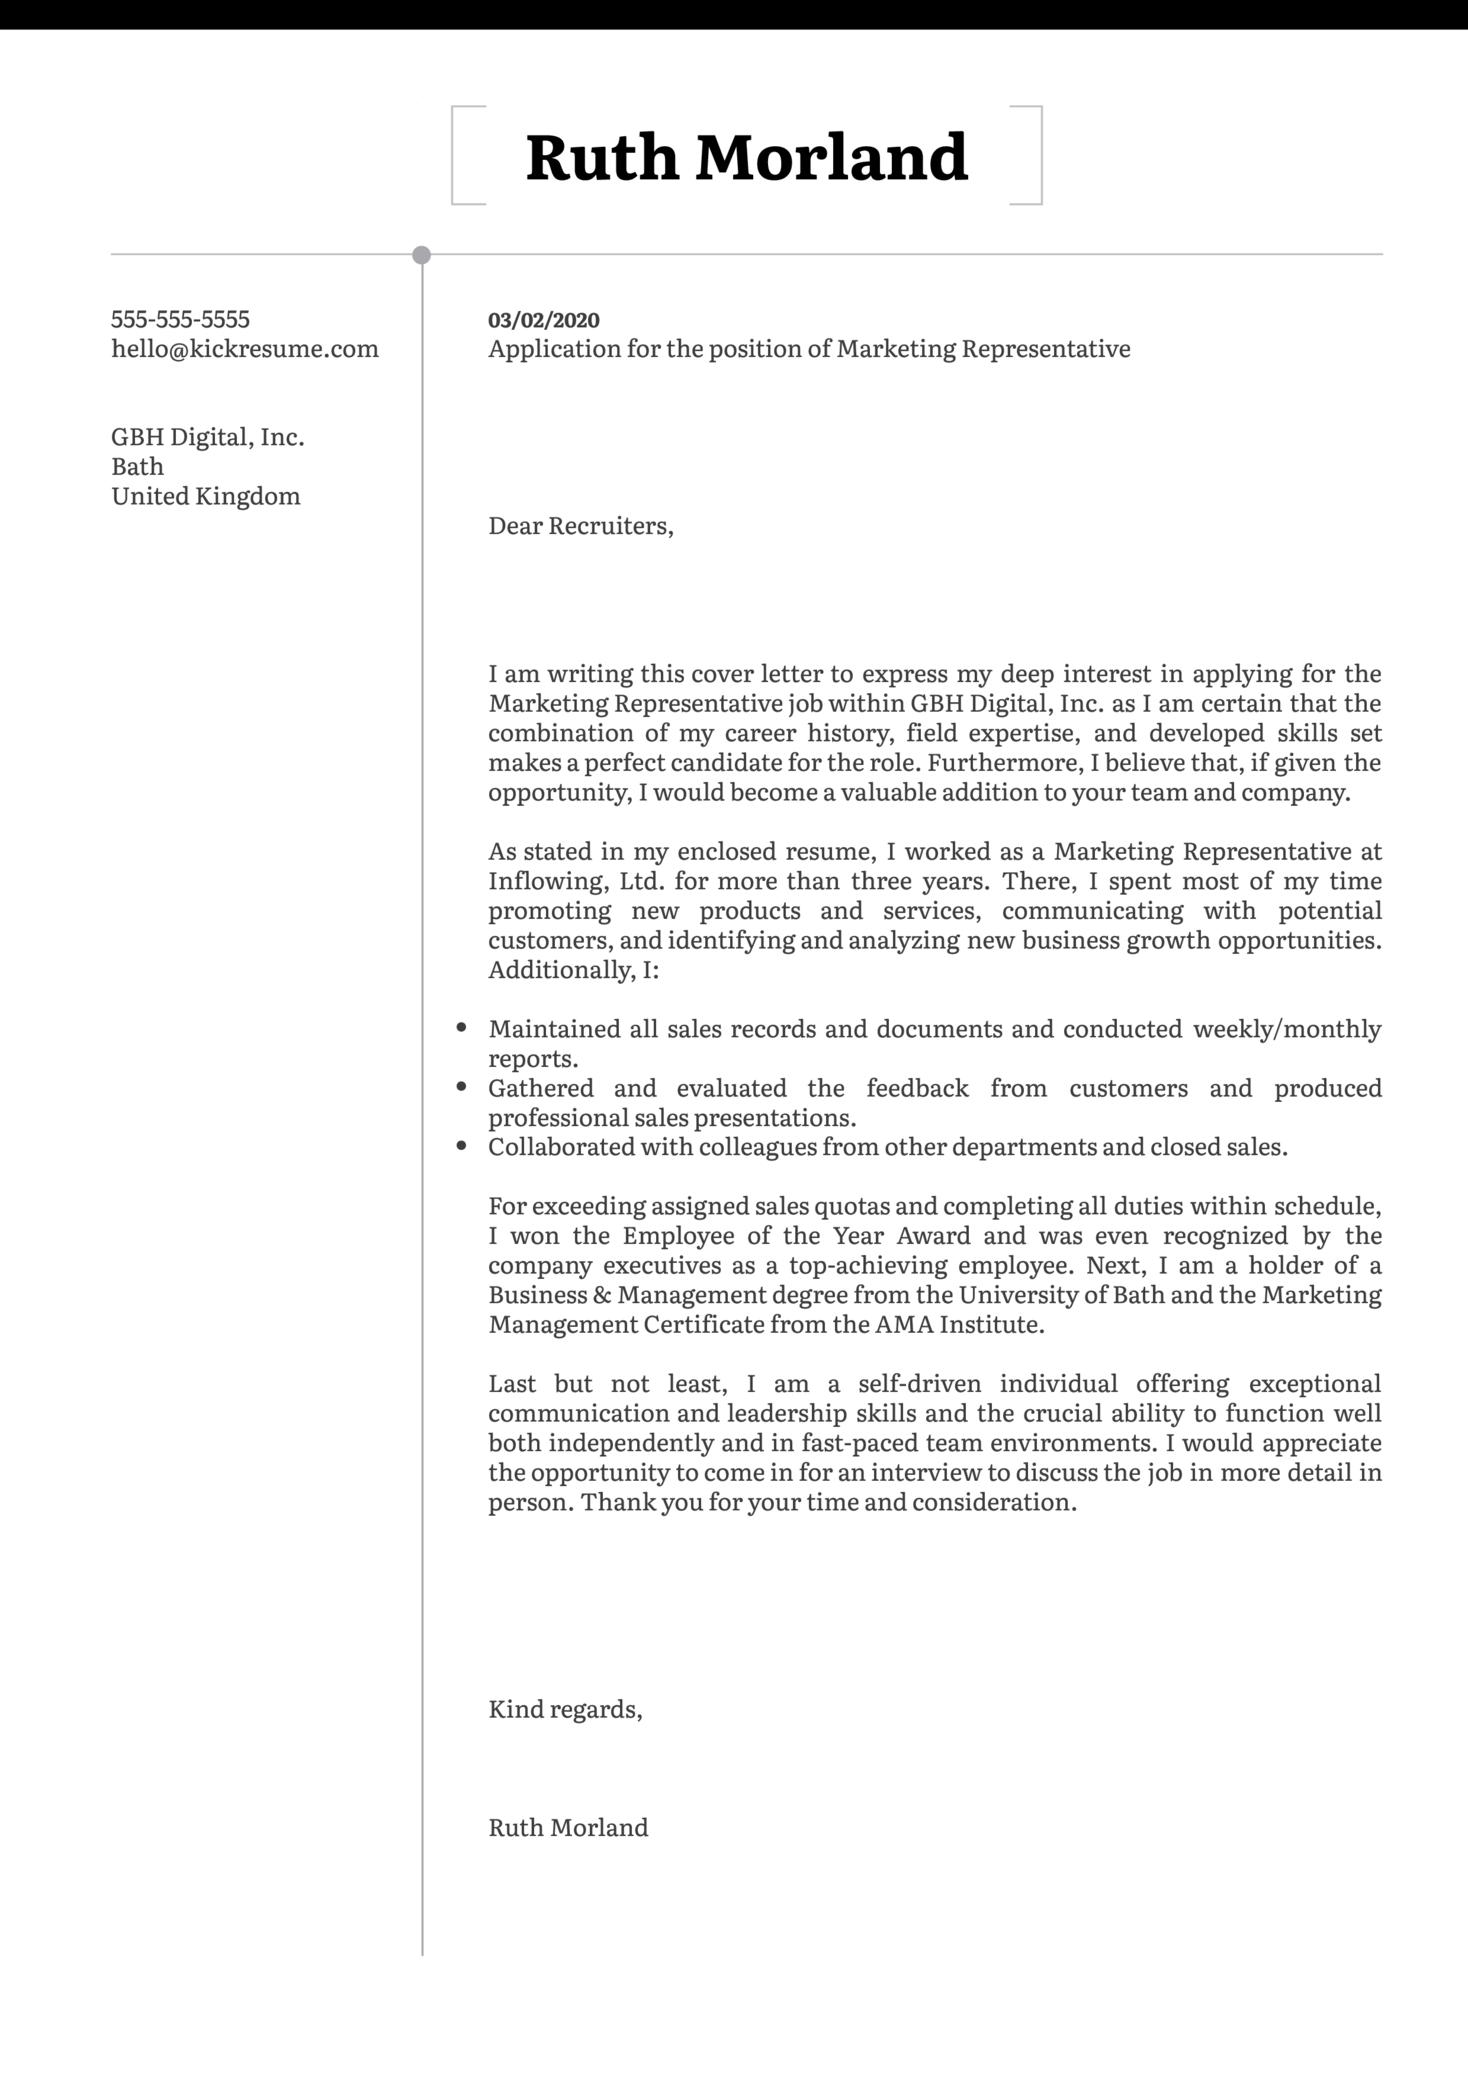 Marketing Representative Cover Letter Template